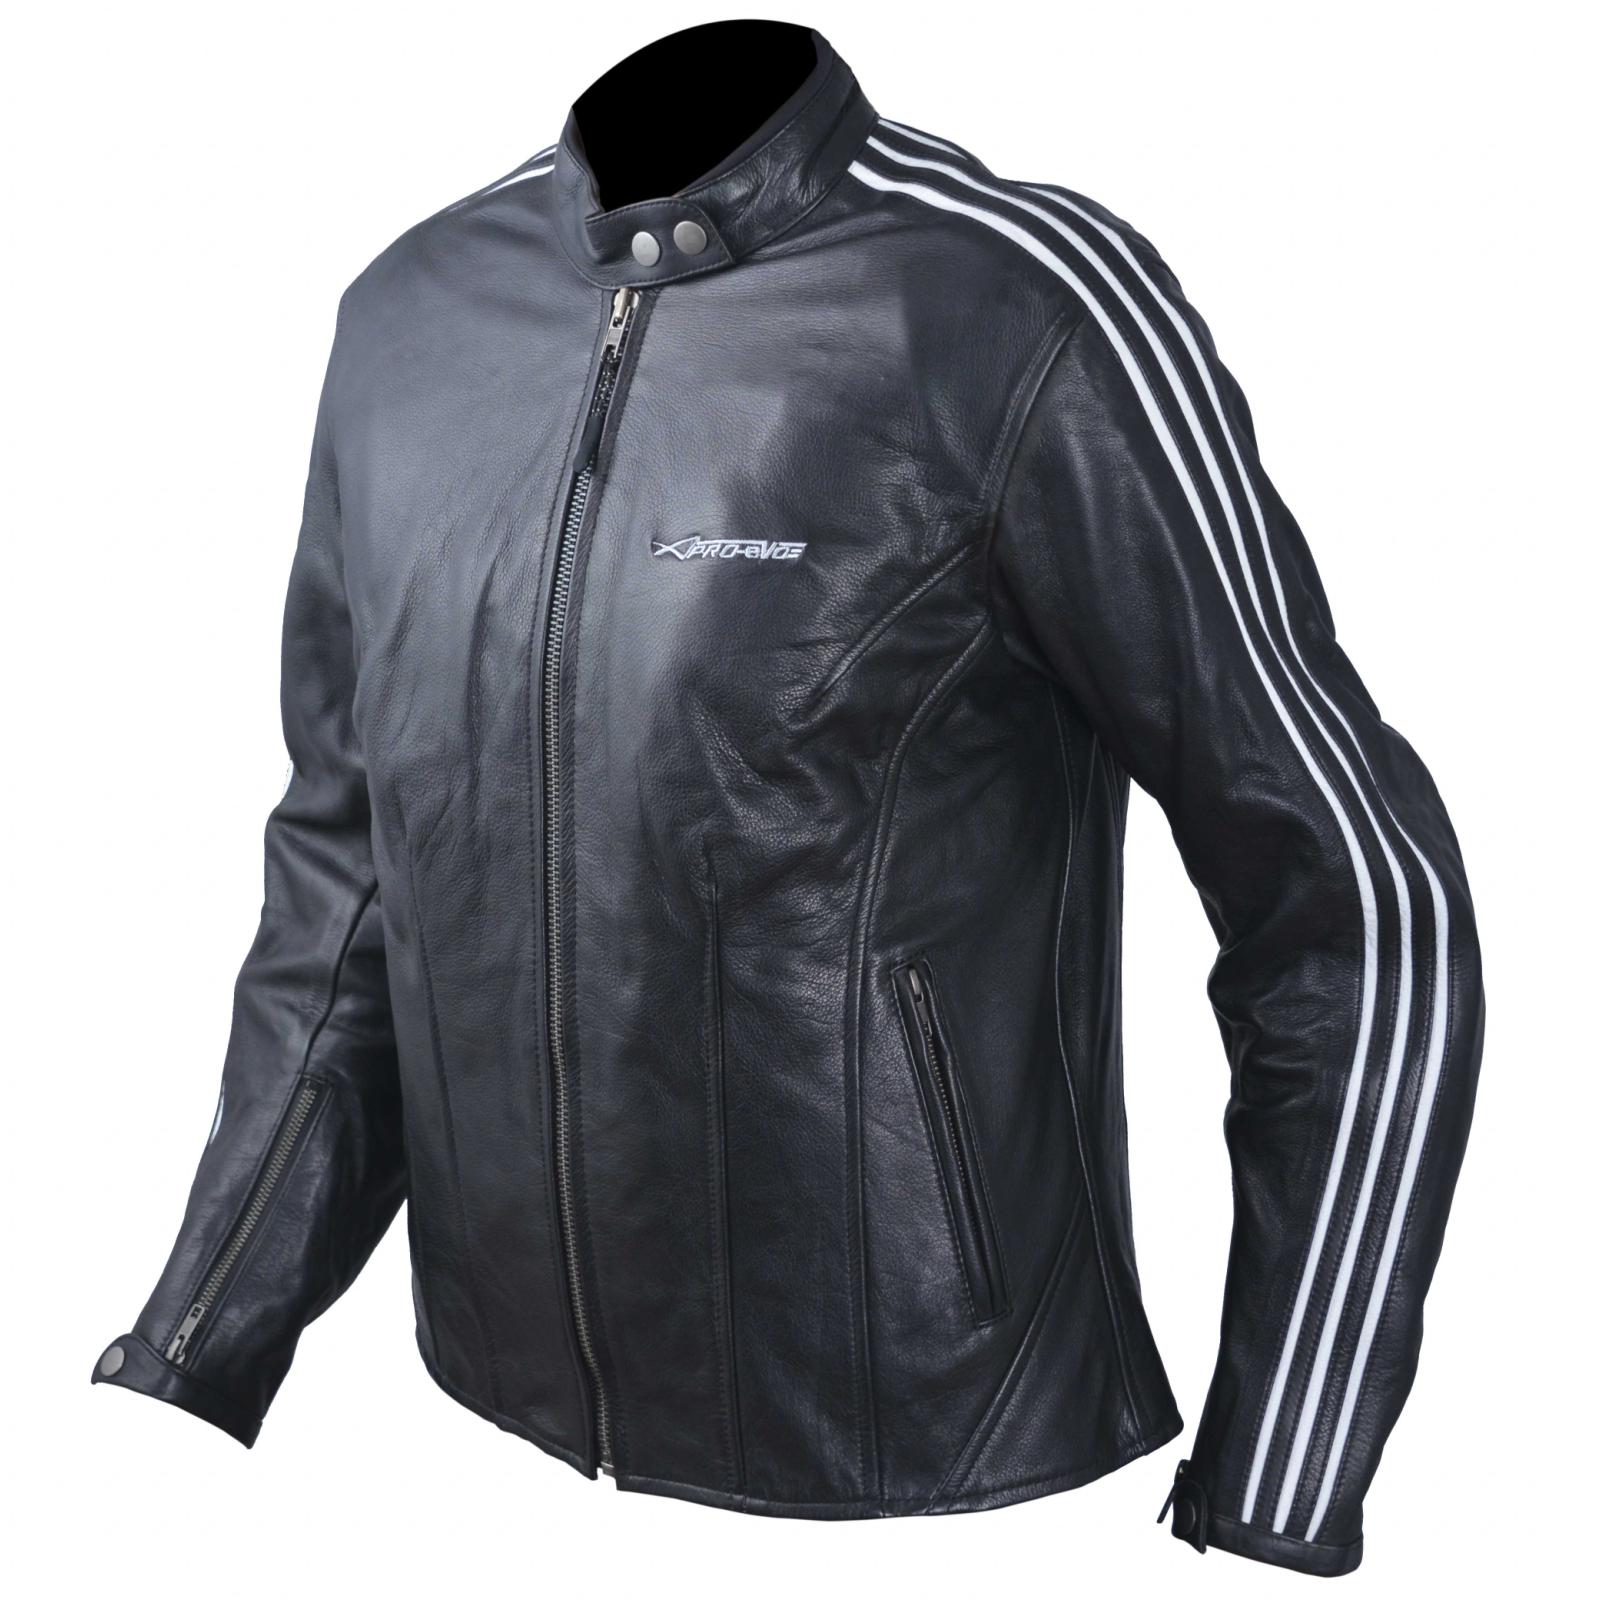 blouson cuir femme moto protections ce veste vintage thermique blanc ebay. Black Bedroom Furniture Sets. Home Design Ideas